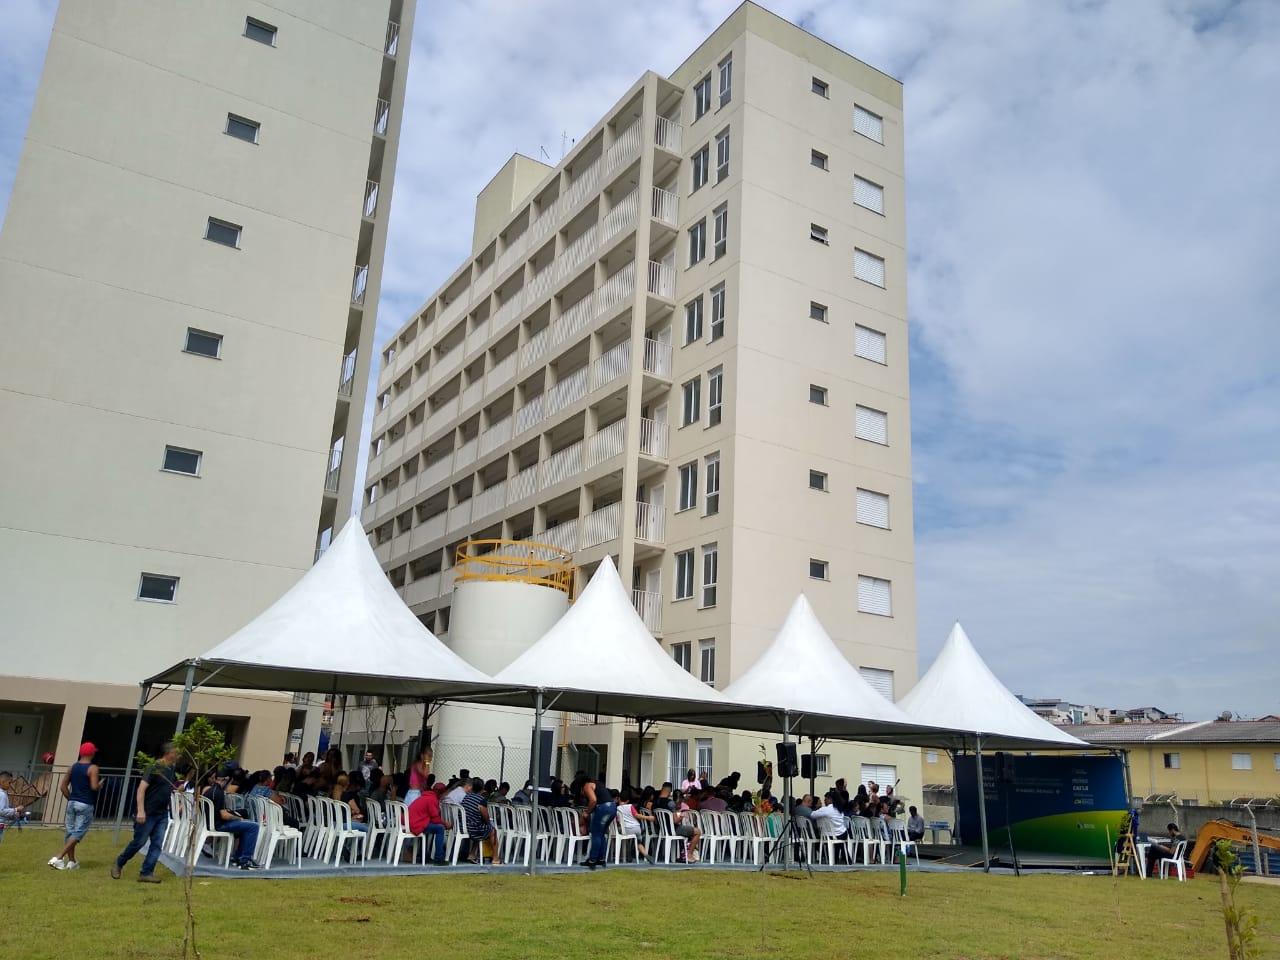 Prefeitura entrega 89 unidades habitacionais do Conjunto Campo das Pitangueiras, em Ermelino Matarazzo